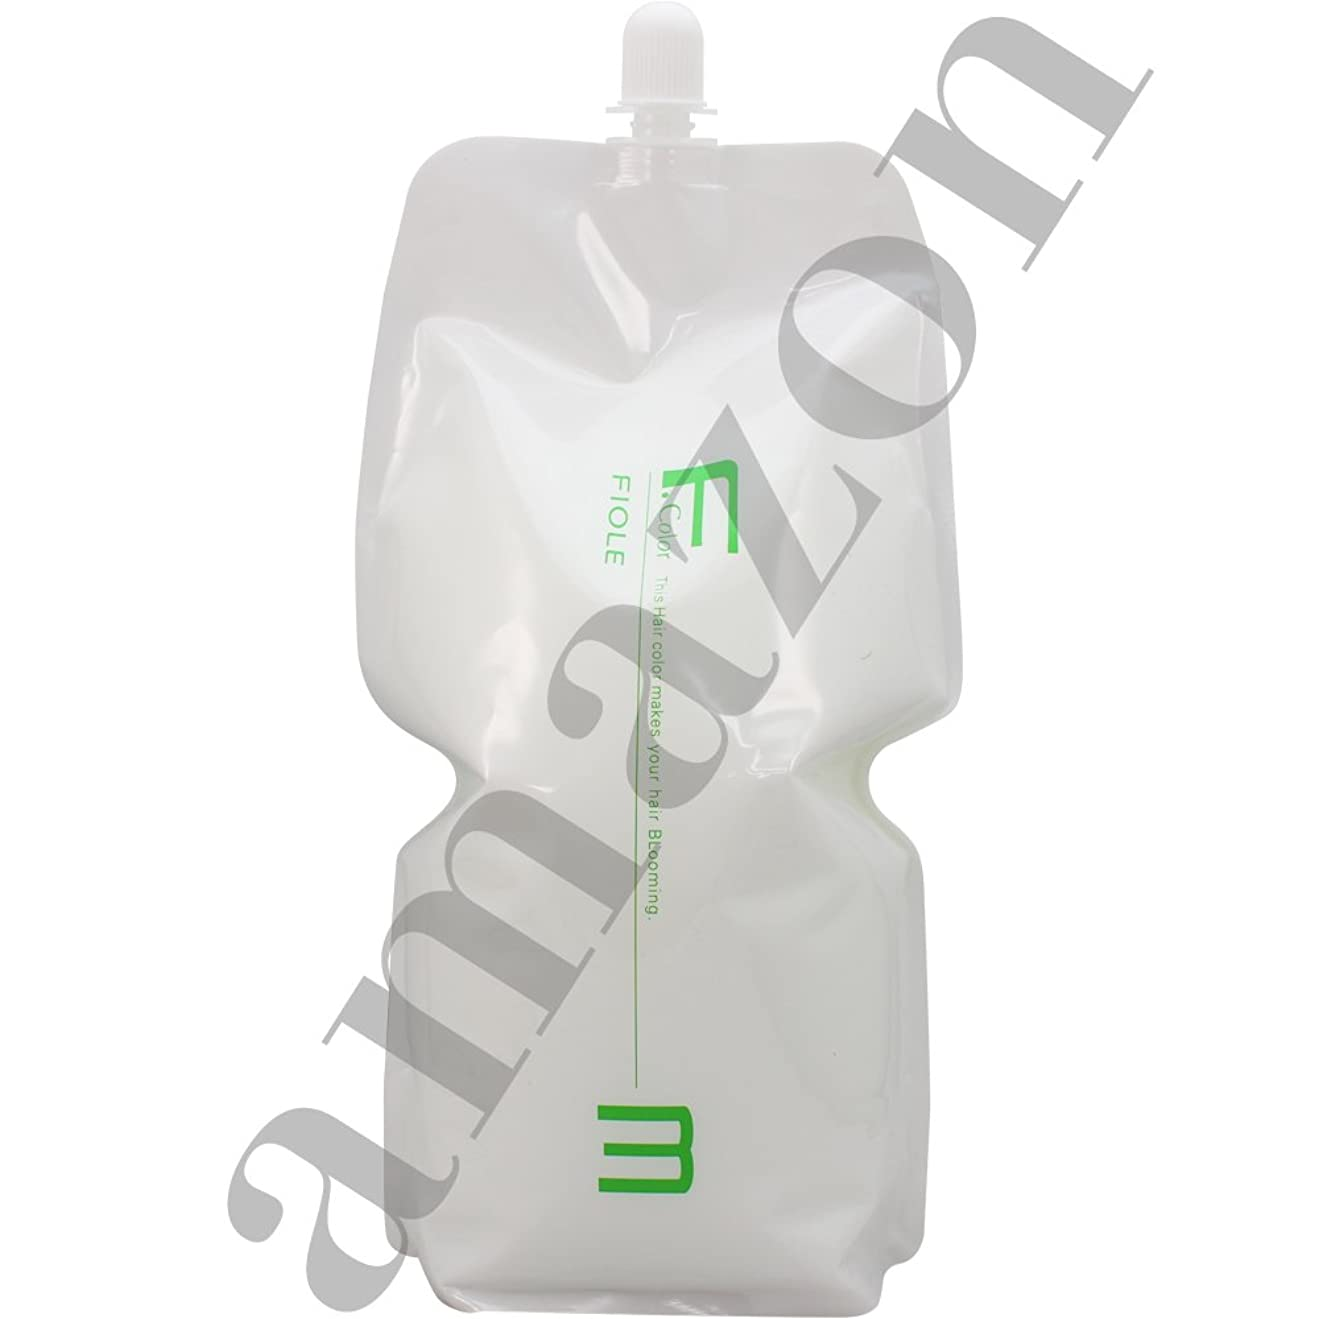 笑サロン構造的フィヨーレ BLカラー OX 2000ml 染毛補助剤 第2剤 パウチ (OX3%)